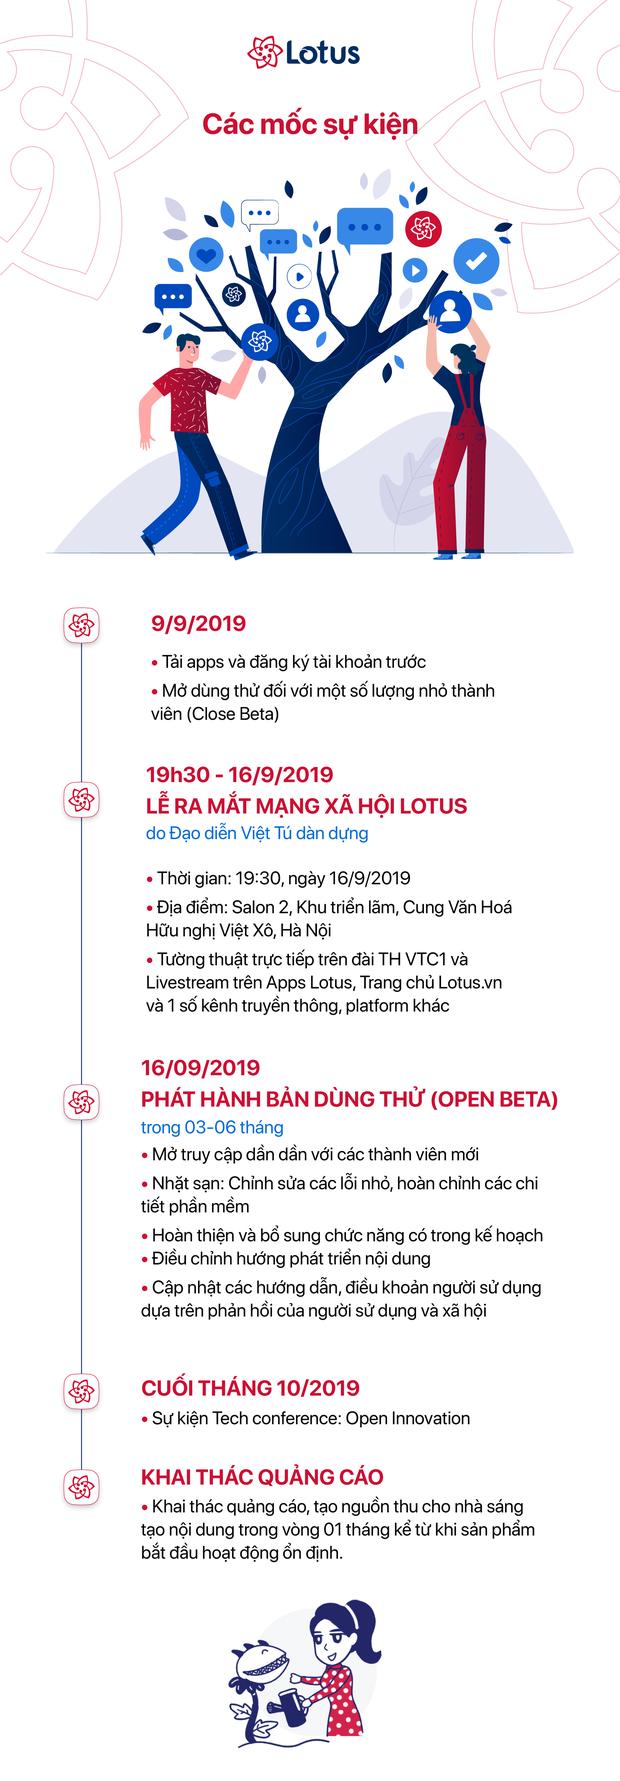 Kỳ Duyên, Jack và K-ICM cùng dàn sao, hot teen nghĩ gì về MXH Lotus: Tự hào, người Việt dùng hàng Việt, quá tò mò về token - Ảnh 18.